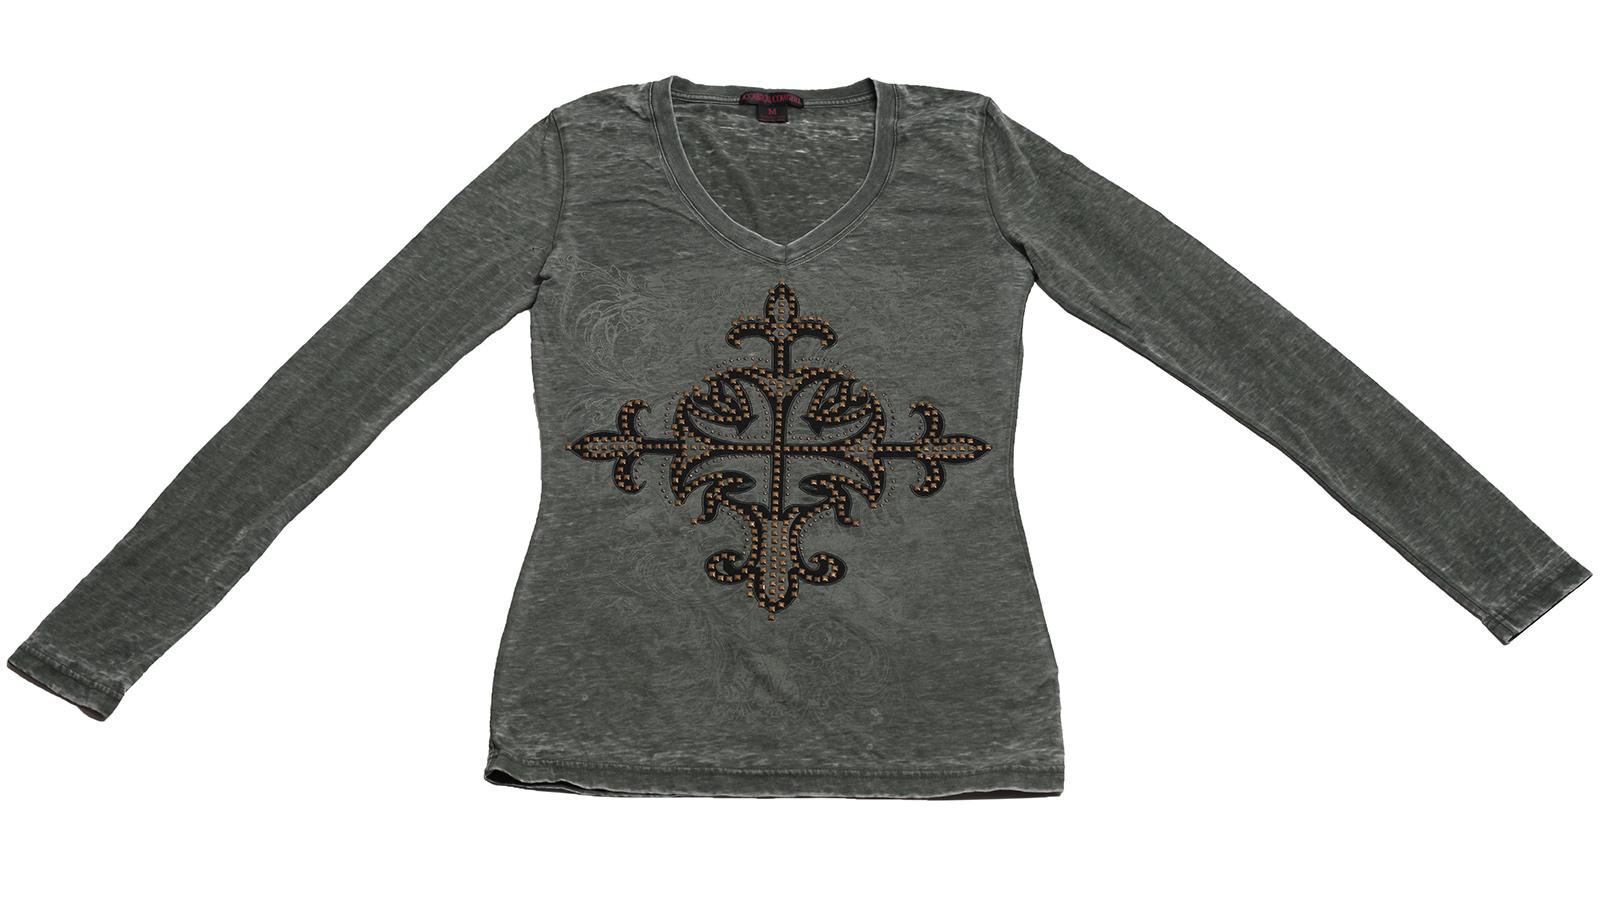 Брендовая кофточка Rock&Roll CowGirl. Мягкая ткань, удобный покрой, модный дизайн